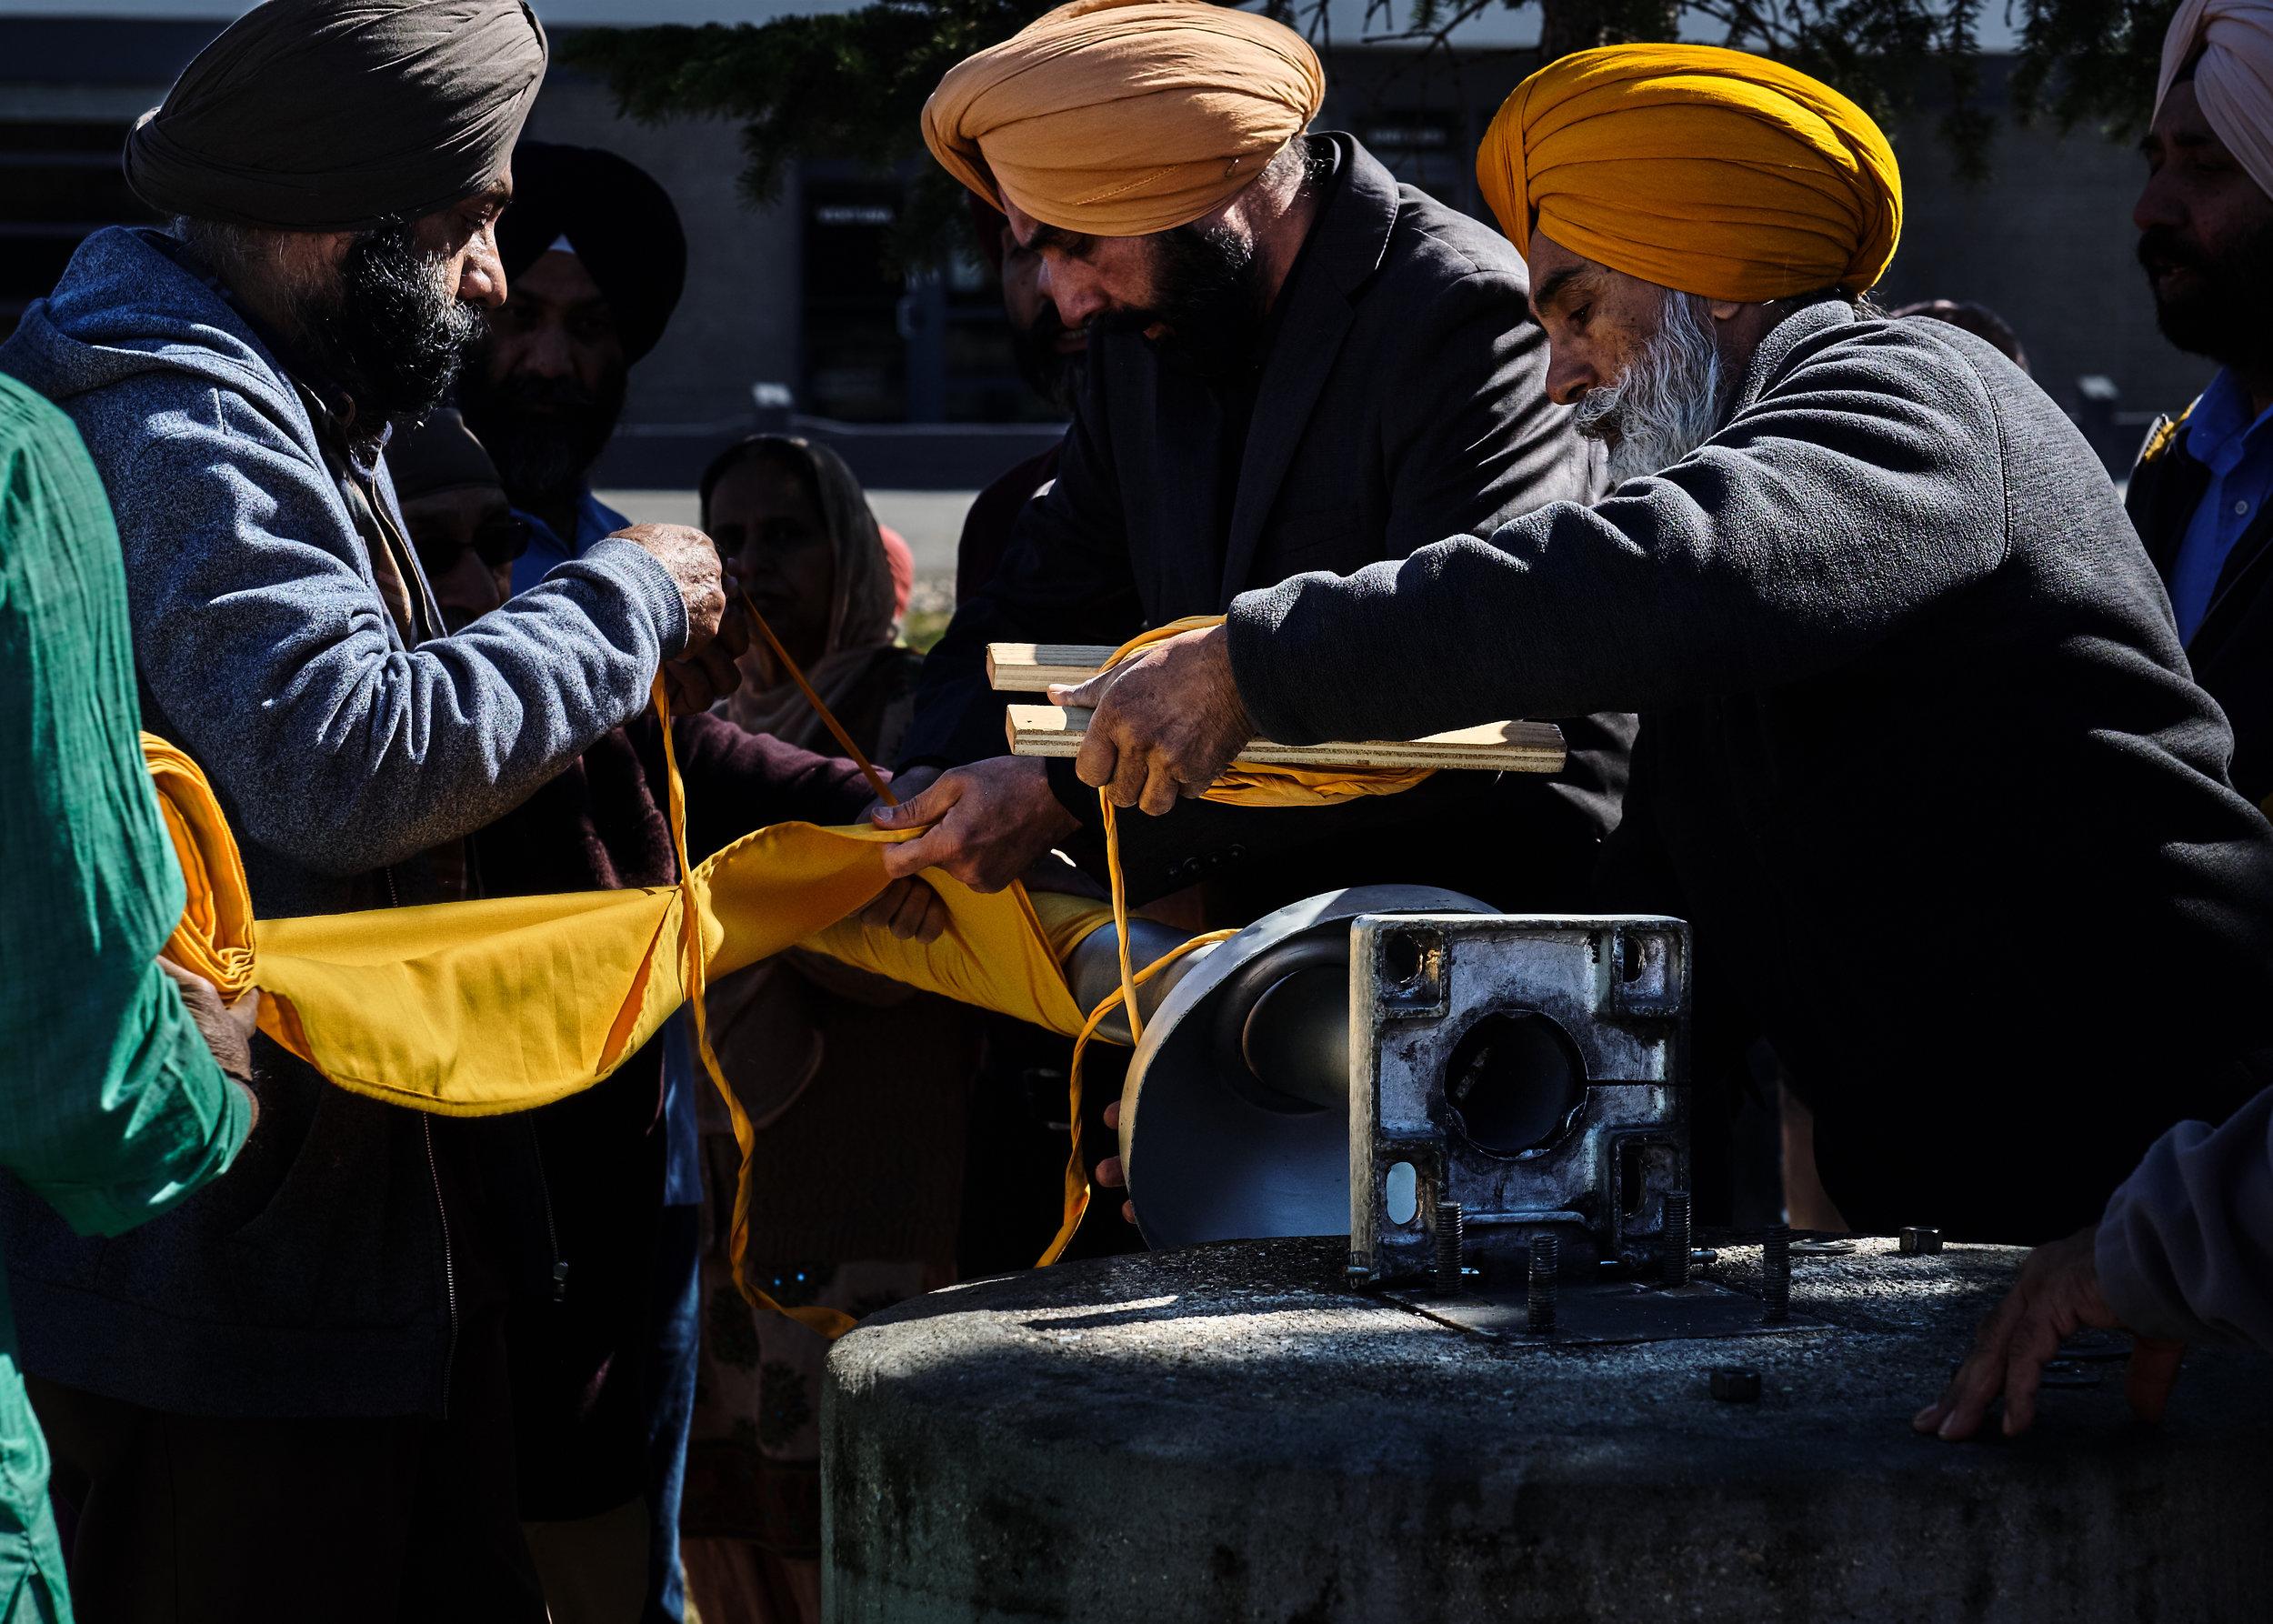 Wpg_South_Sikh_Centre-Nishaan_Sahib_07.jpg